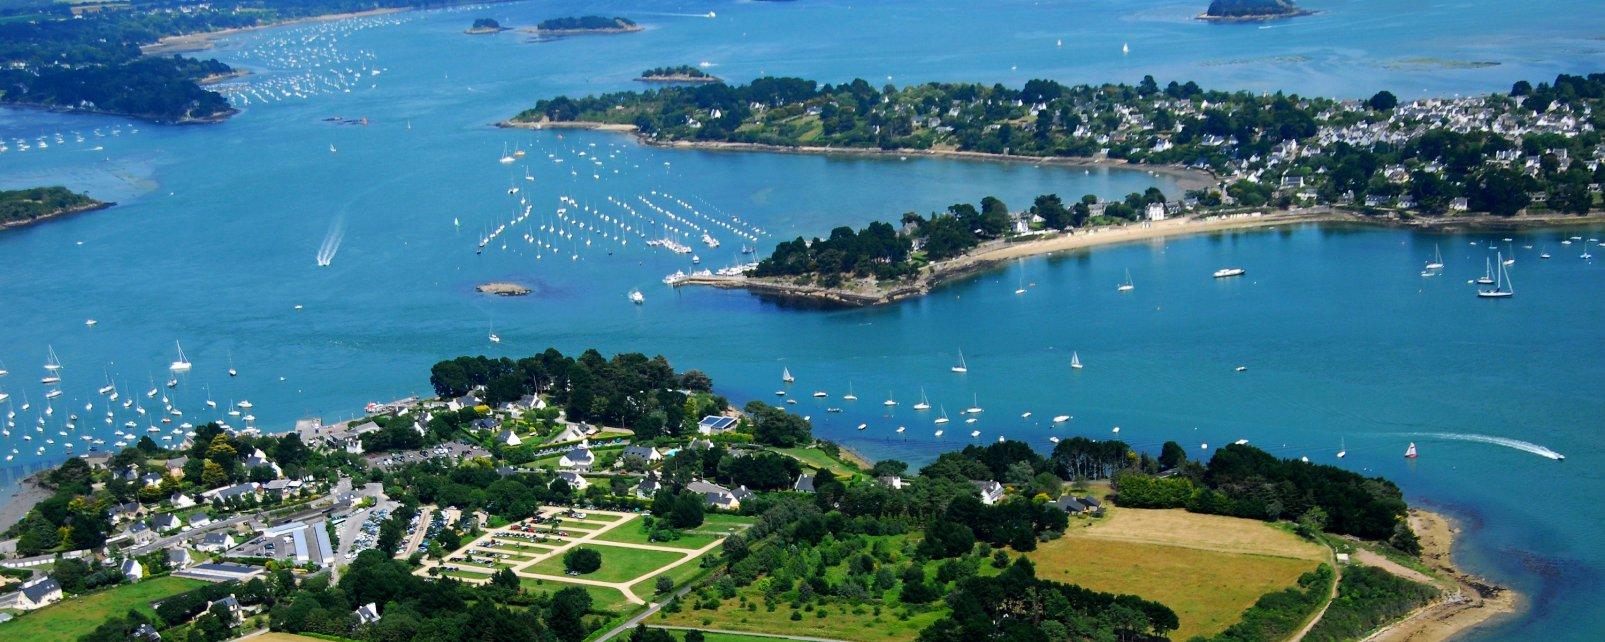 L'île aux Moines, Bretagne, Frankreich,